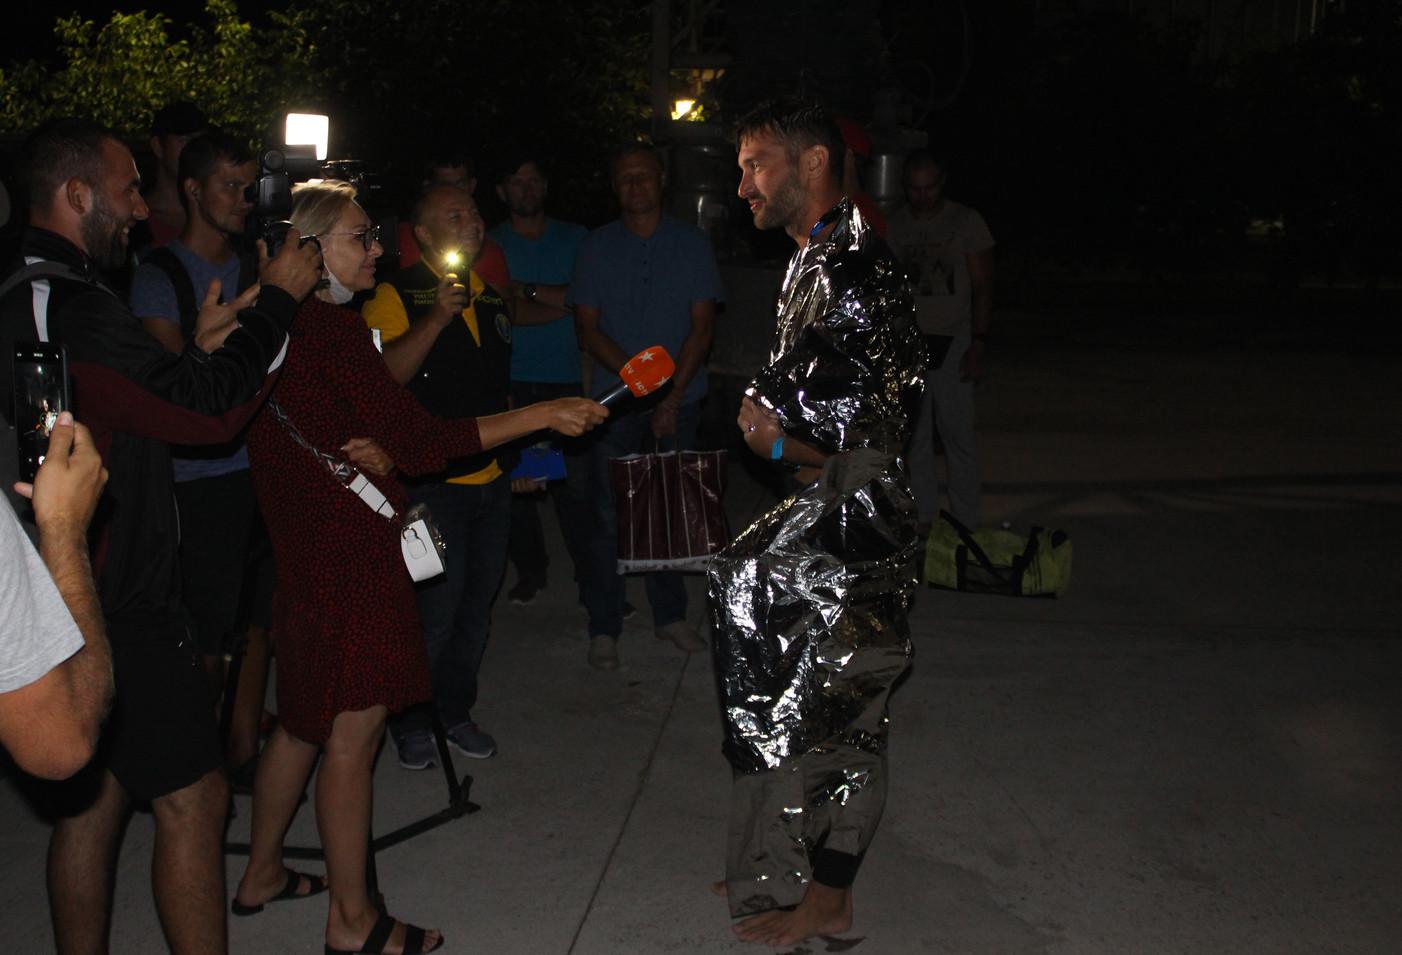 Фініш спортсменів на філії Новоодеська